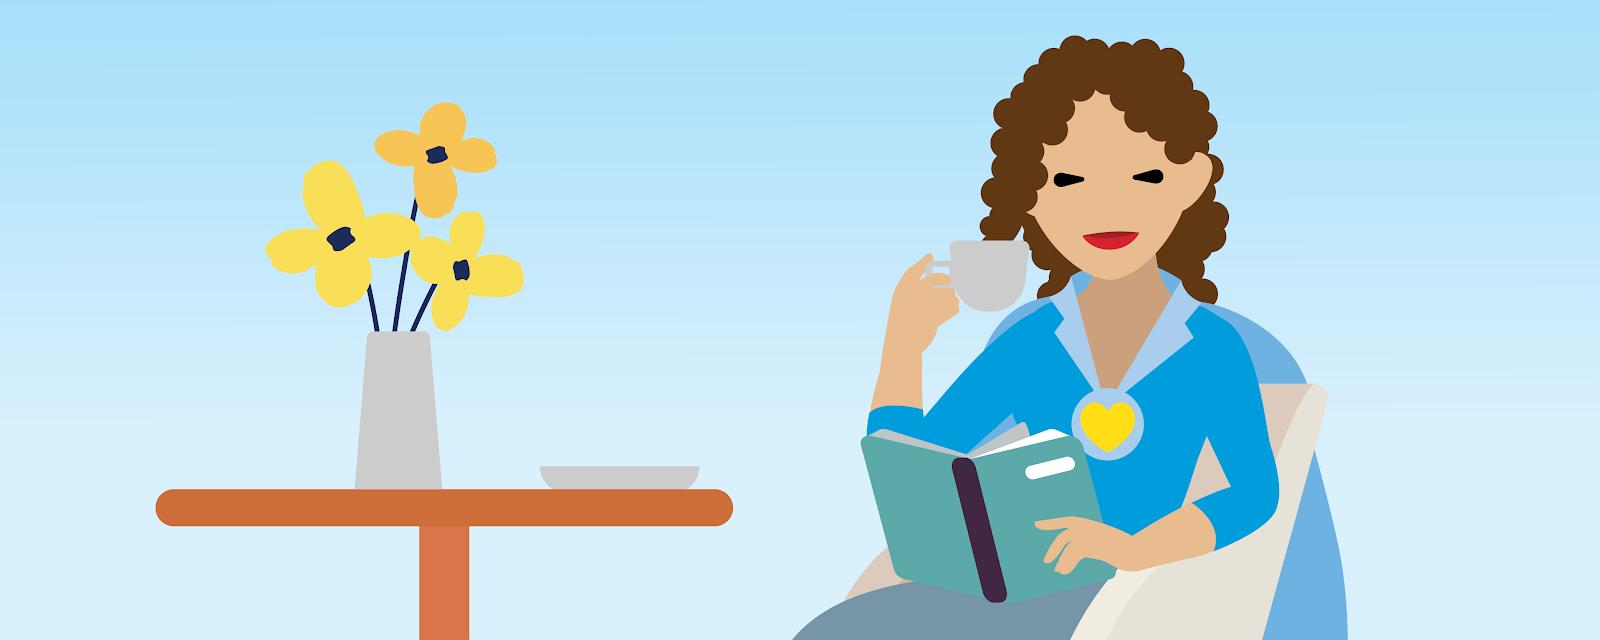 Illustration einer Frau, die auf einem Stuhl sitzt und Kaffee trinkt, während sie ein Buch liest.